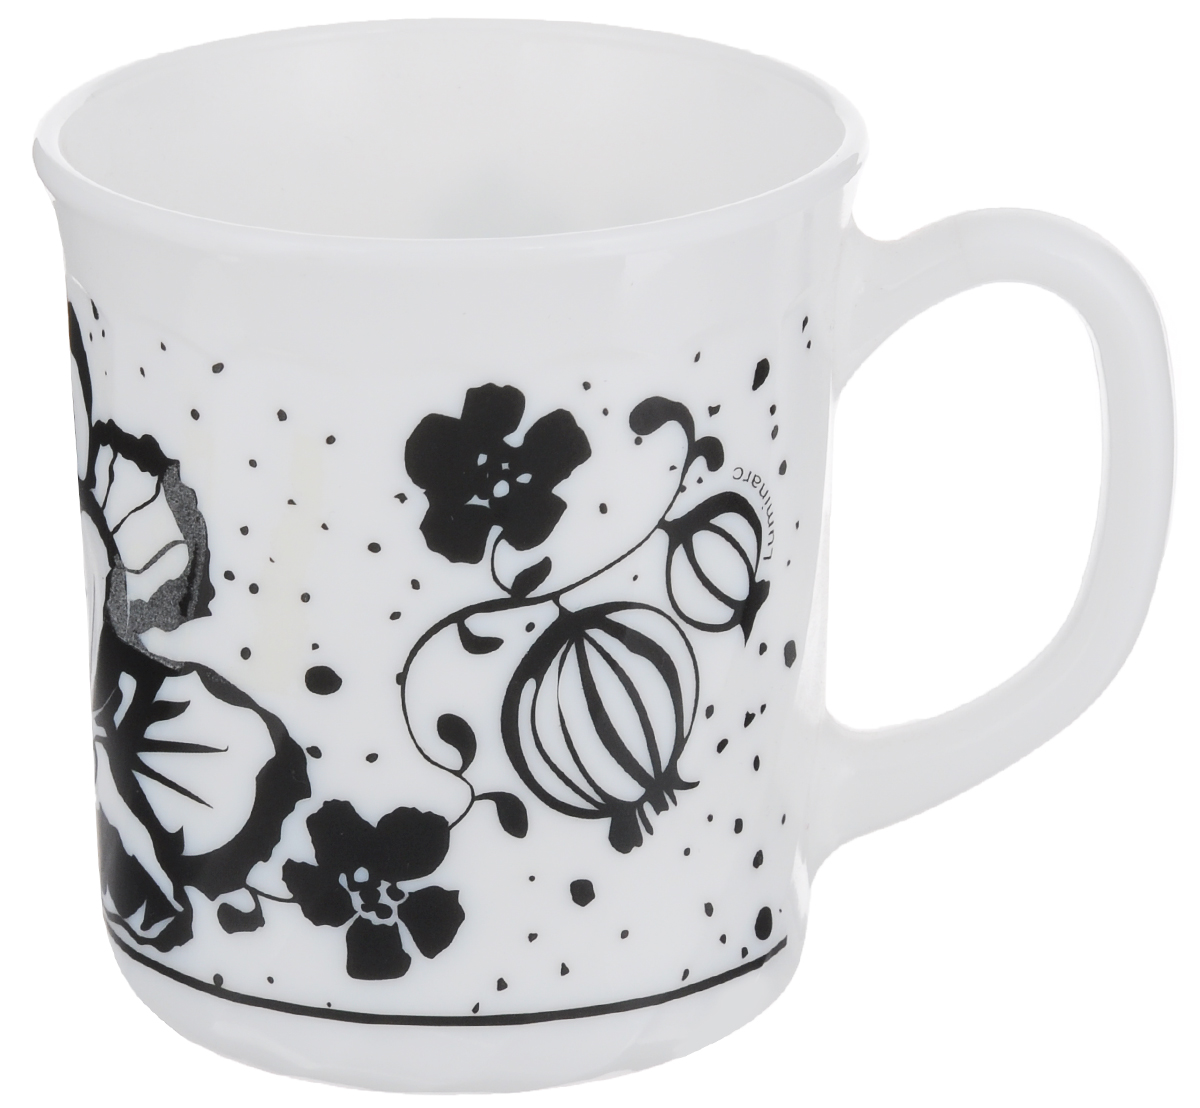 Кружка Luminarc Alcove Black, 290 млH2447Кружка Luminarc Alcove Black изготовлена из прочного стекла. Такая кружка прекрасно подойдет для горячих и холодных напитков. Она дополнит коллекцию вашей кухонной посуды и будет служить долгие годы.Объем кружки: 290 мл.Диаметр кружки (по верхнему краю): 8 см.